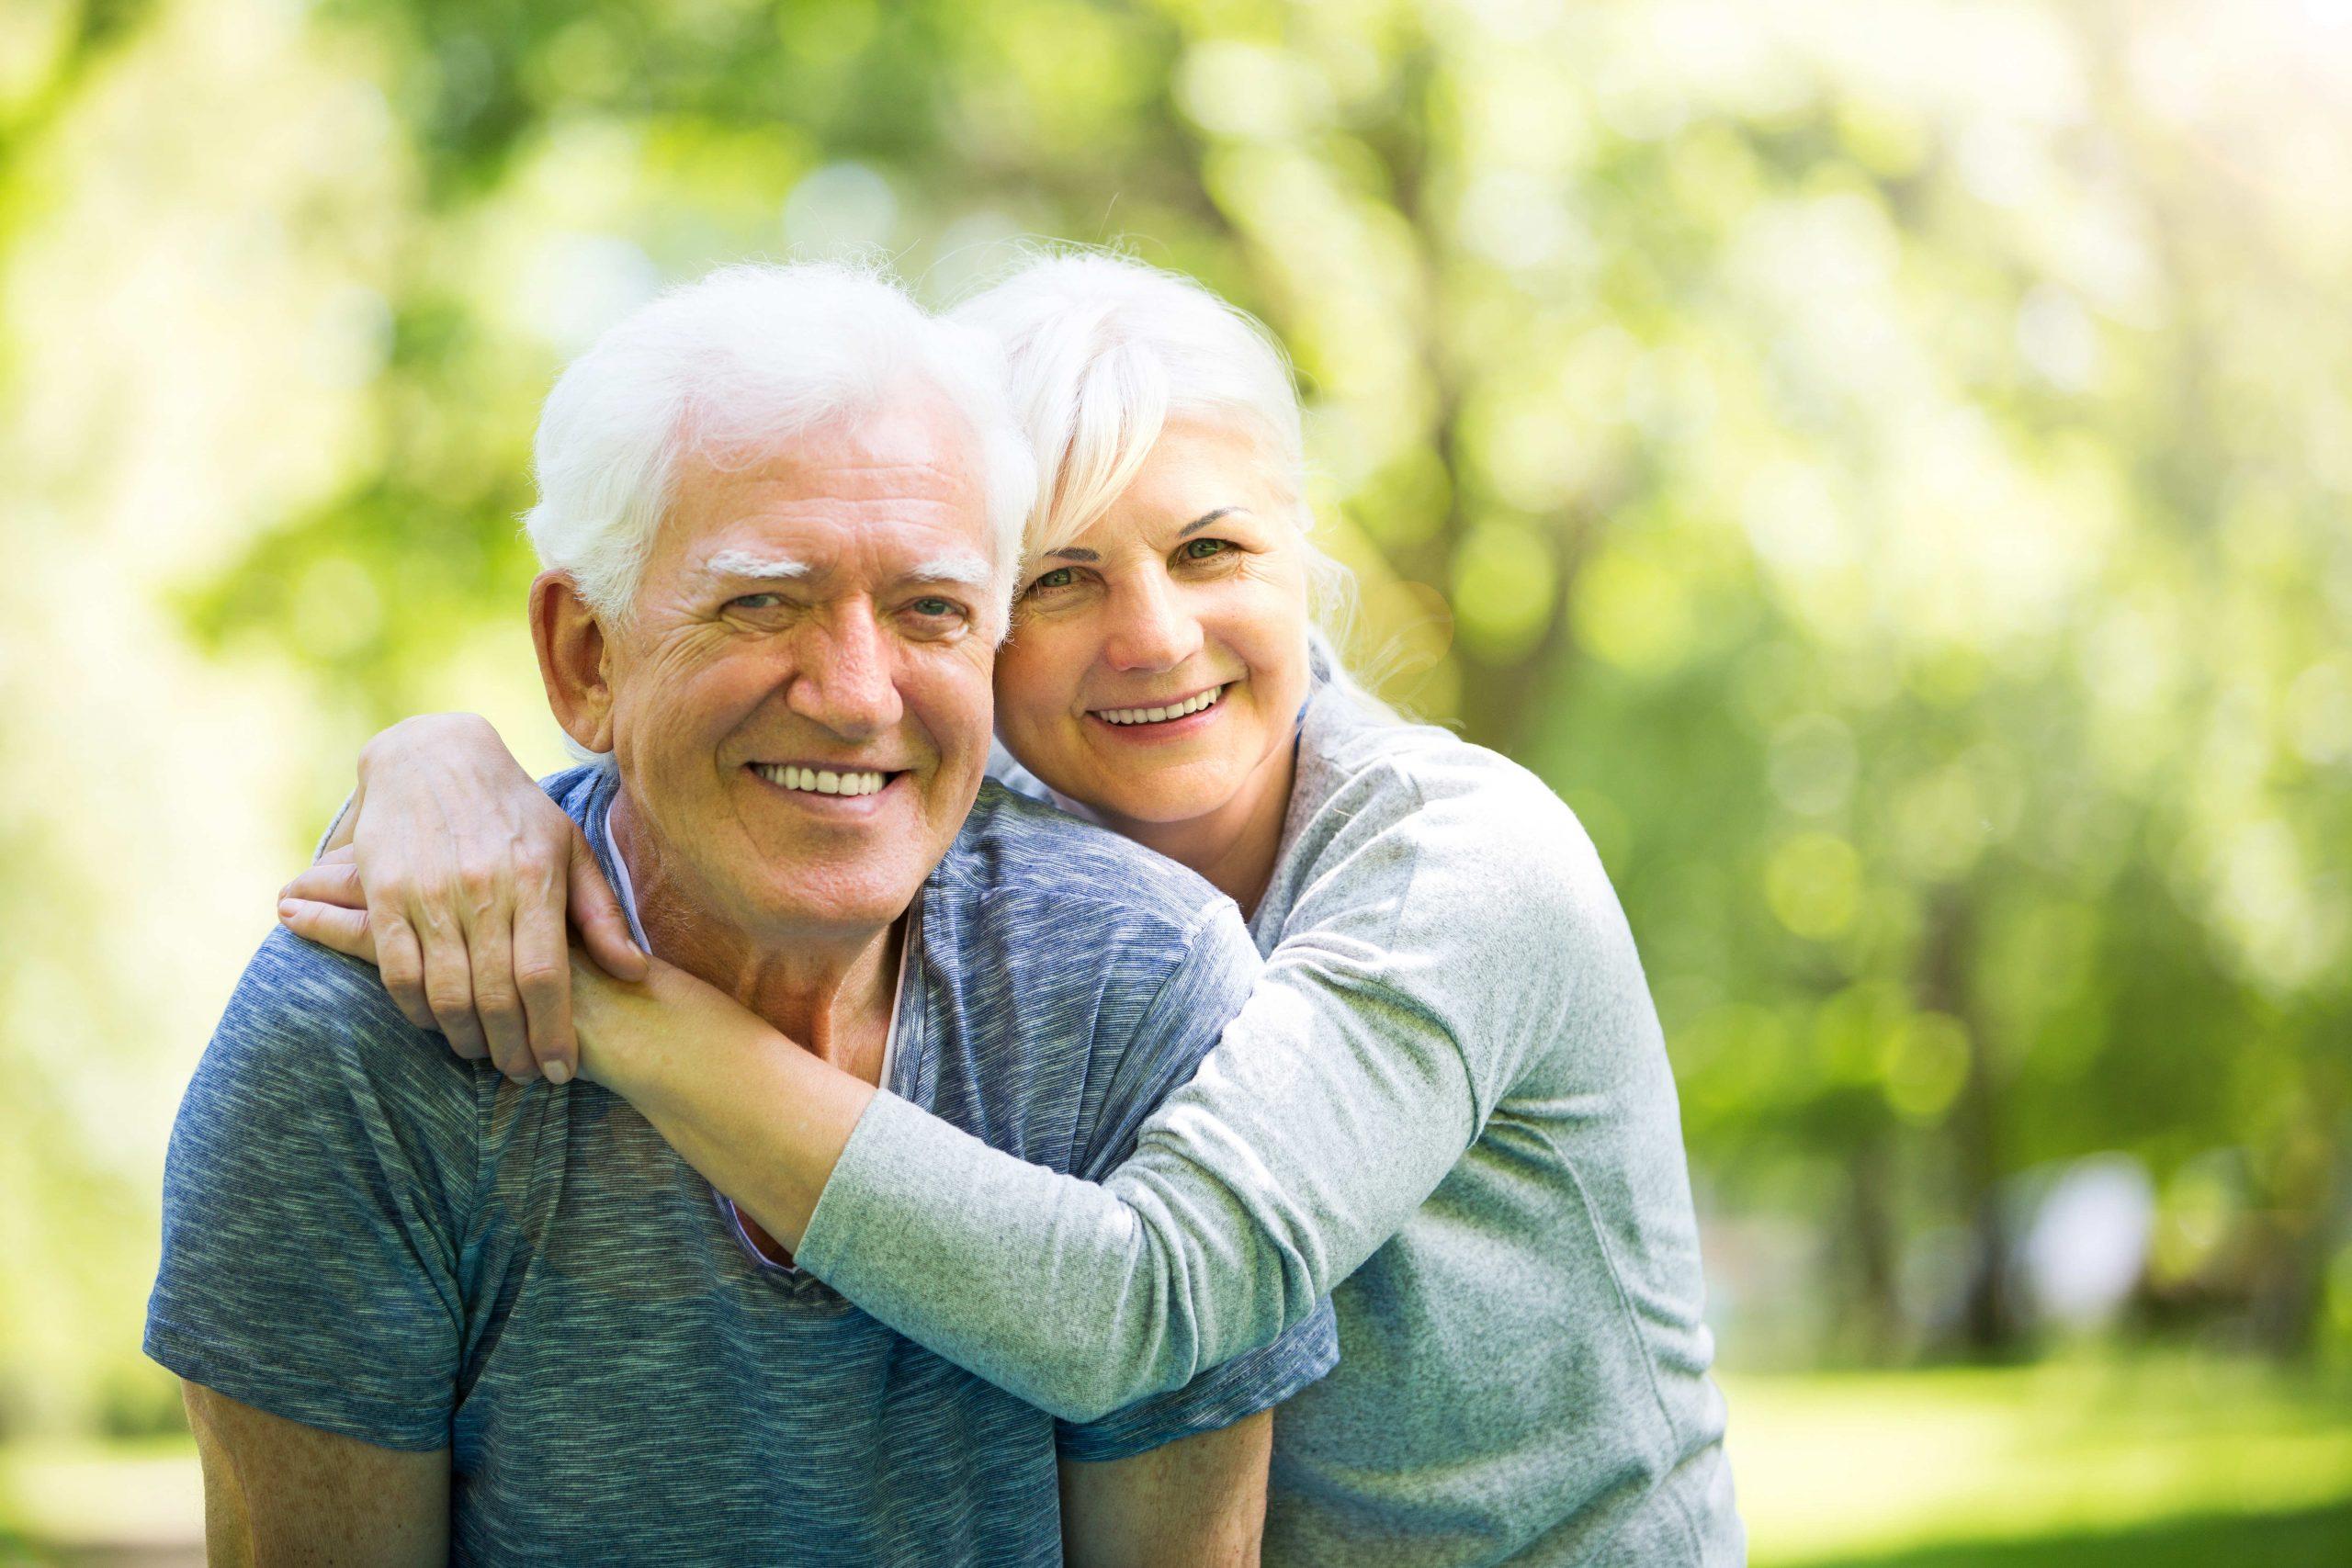 Hábitos saludables contra el envejecimiento